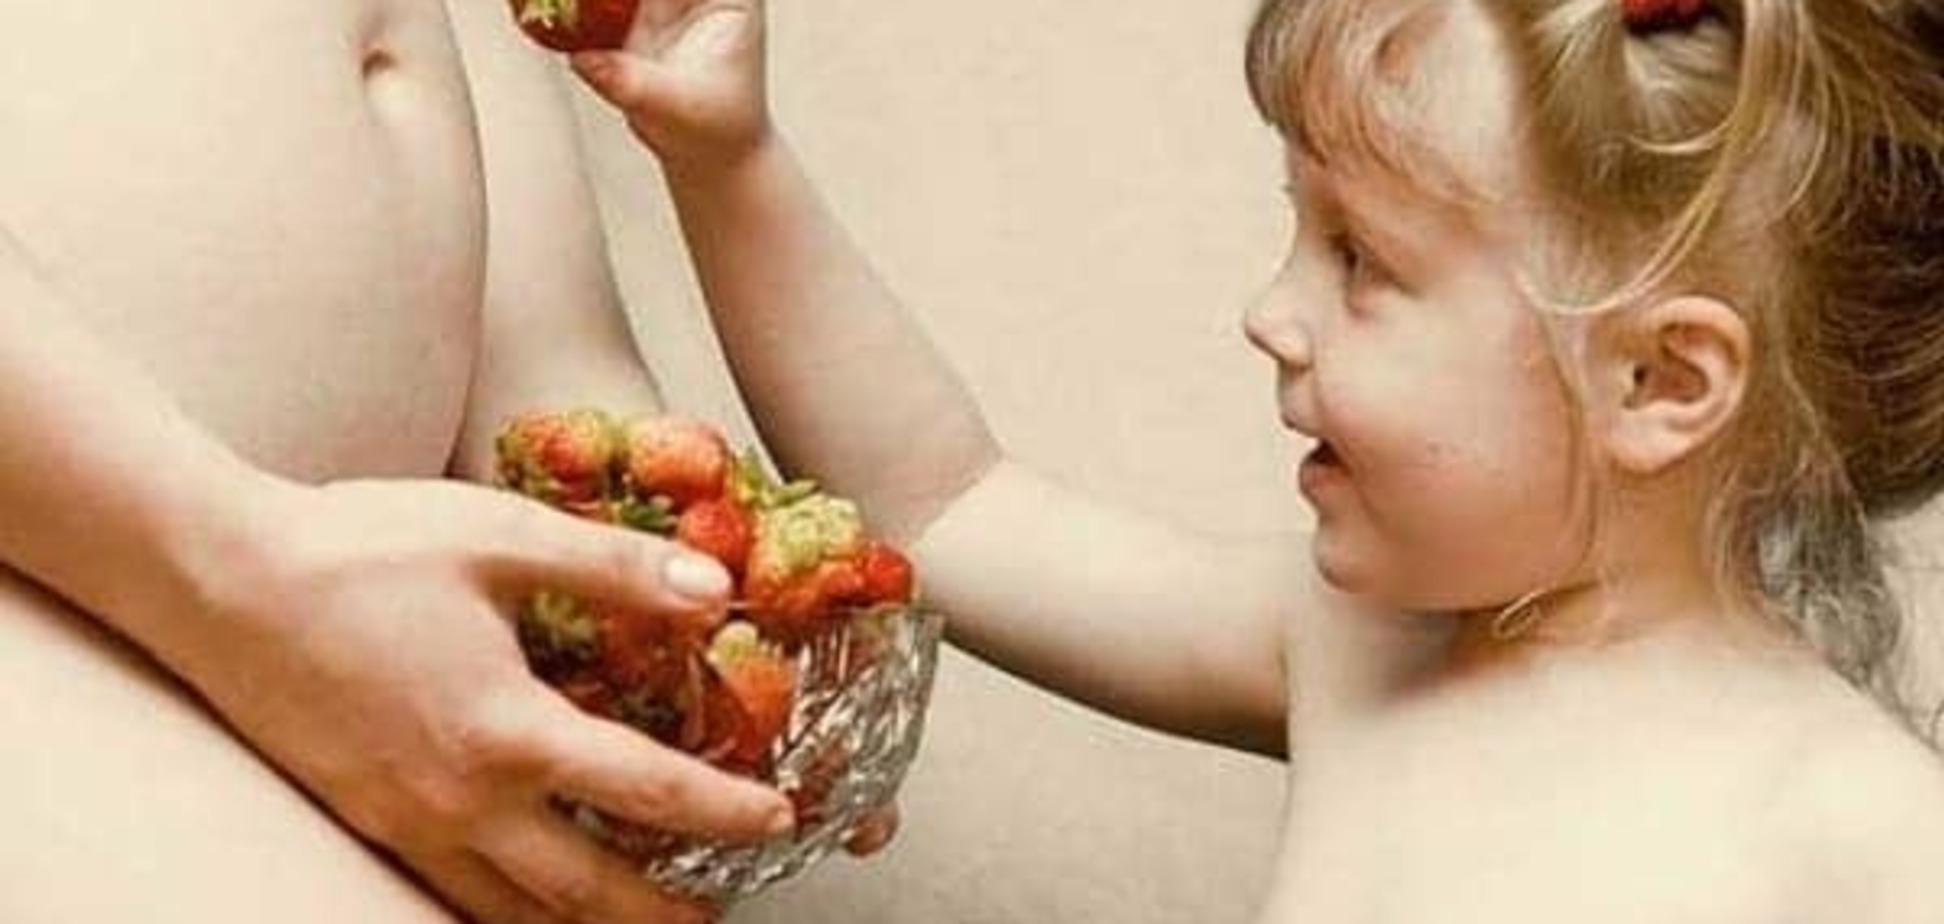 Полуниця дитині. Коли можна давати дитині полуницю?